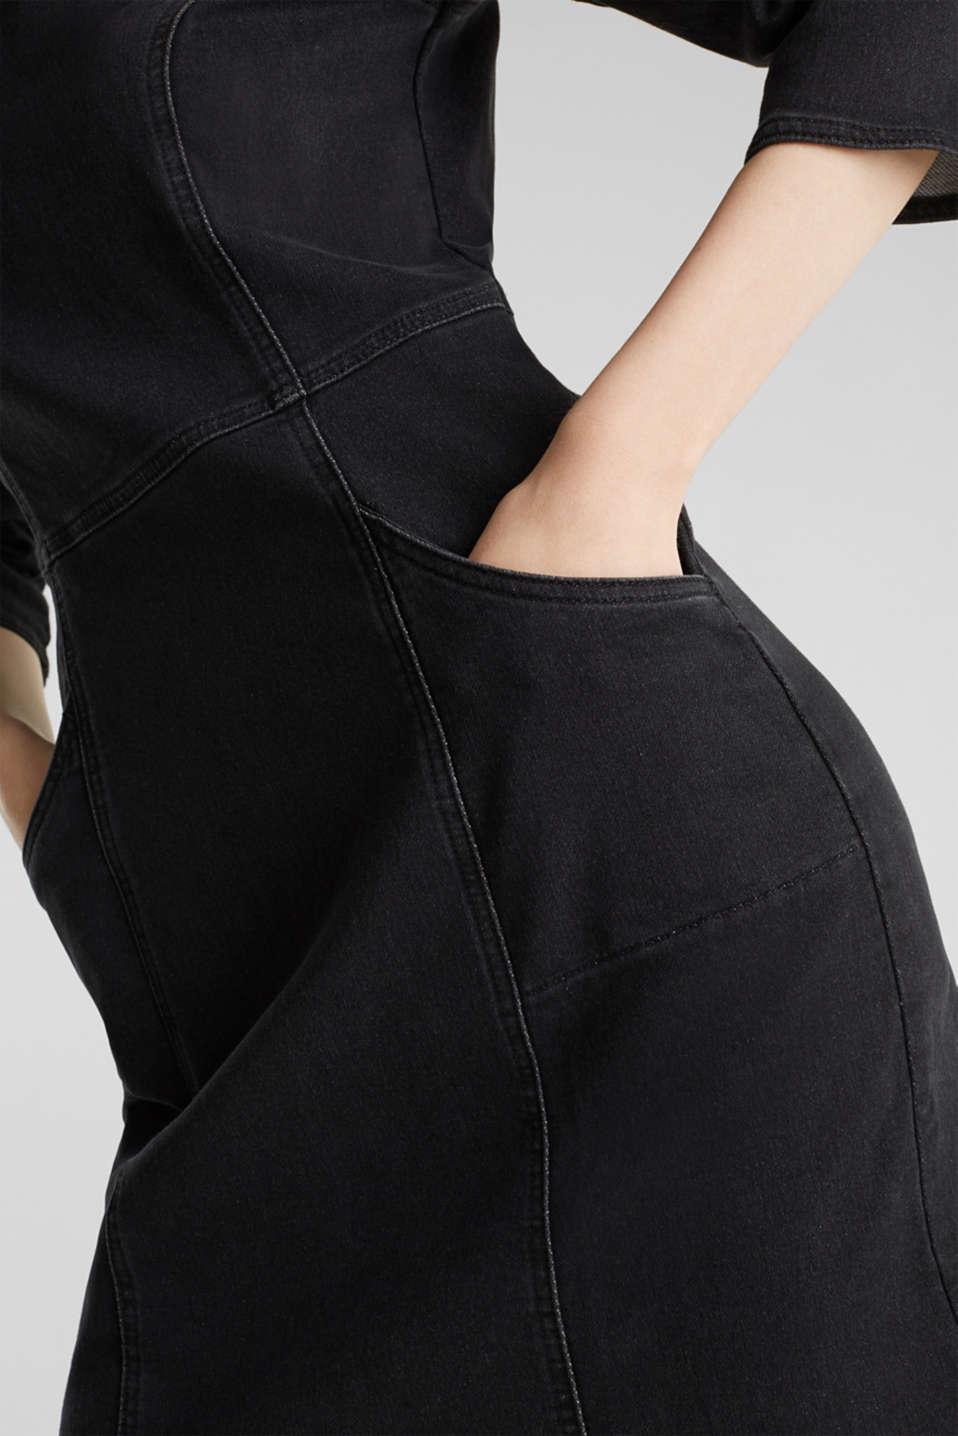 Dresses denim, BLACK DARK WASH, detail image number 7